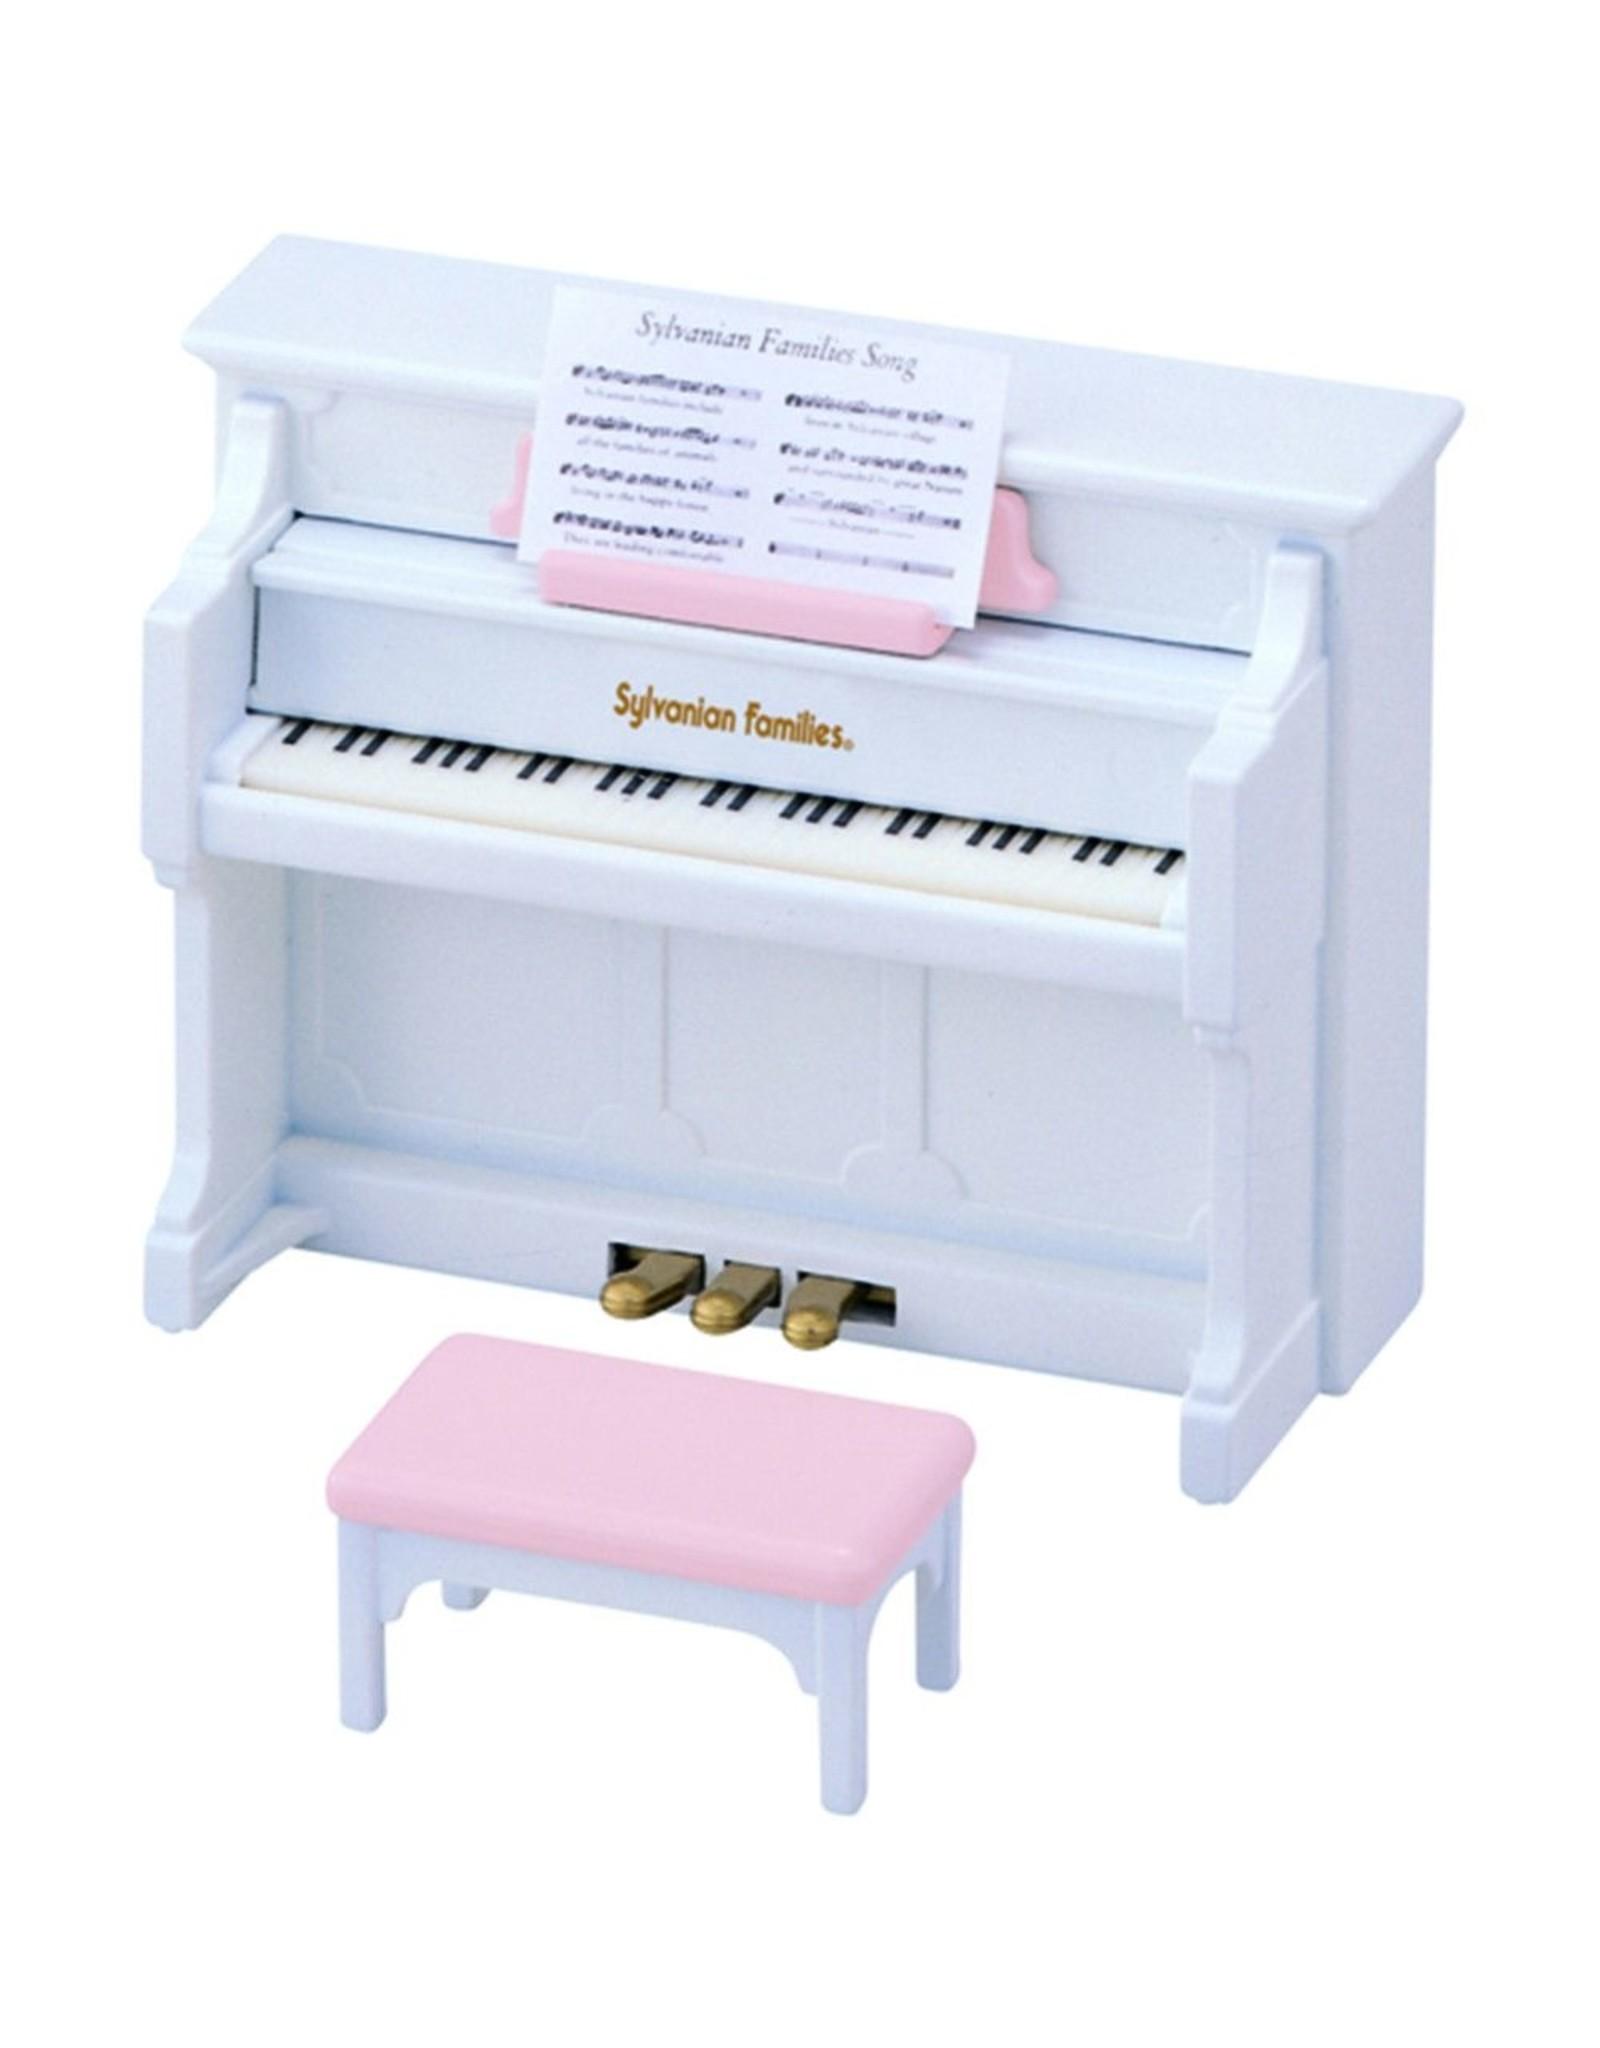 Sylvanian Families Sylvanian Families Pianoset